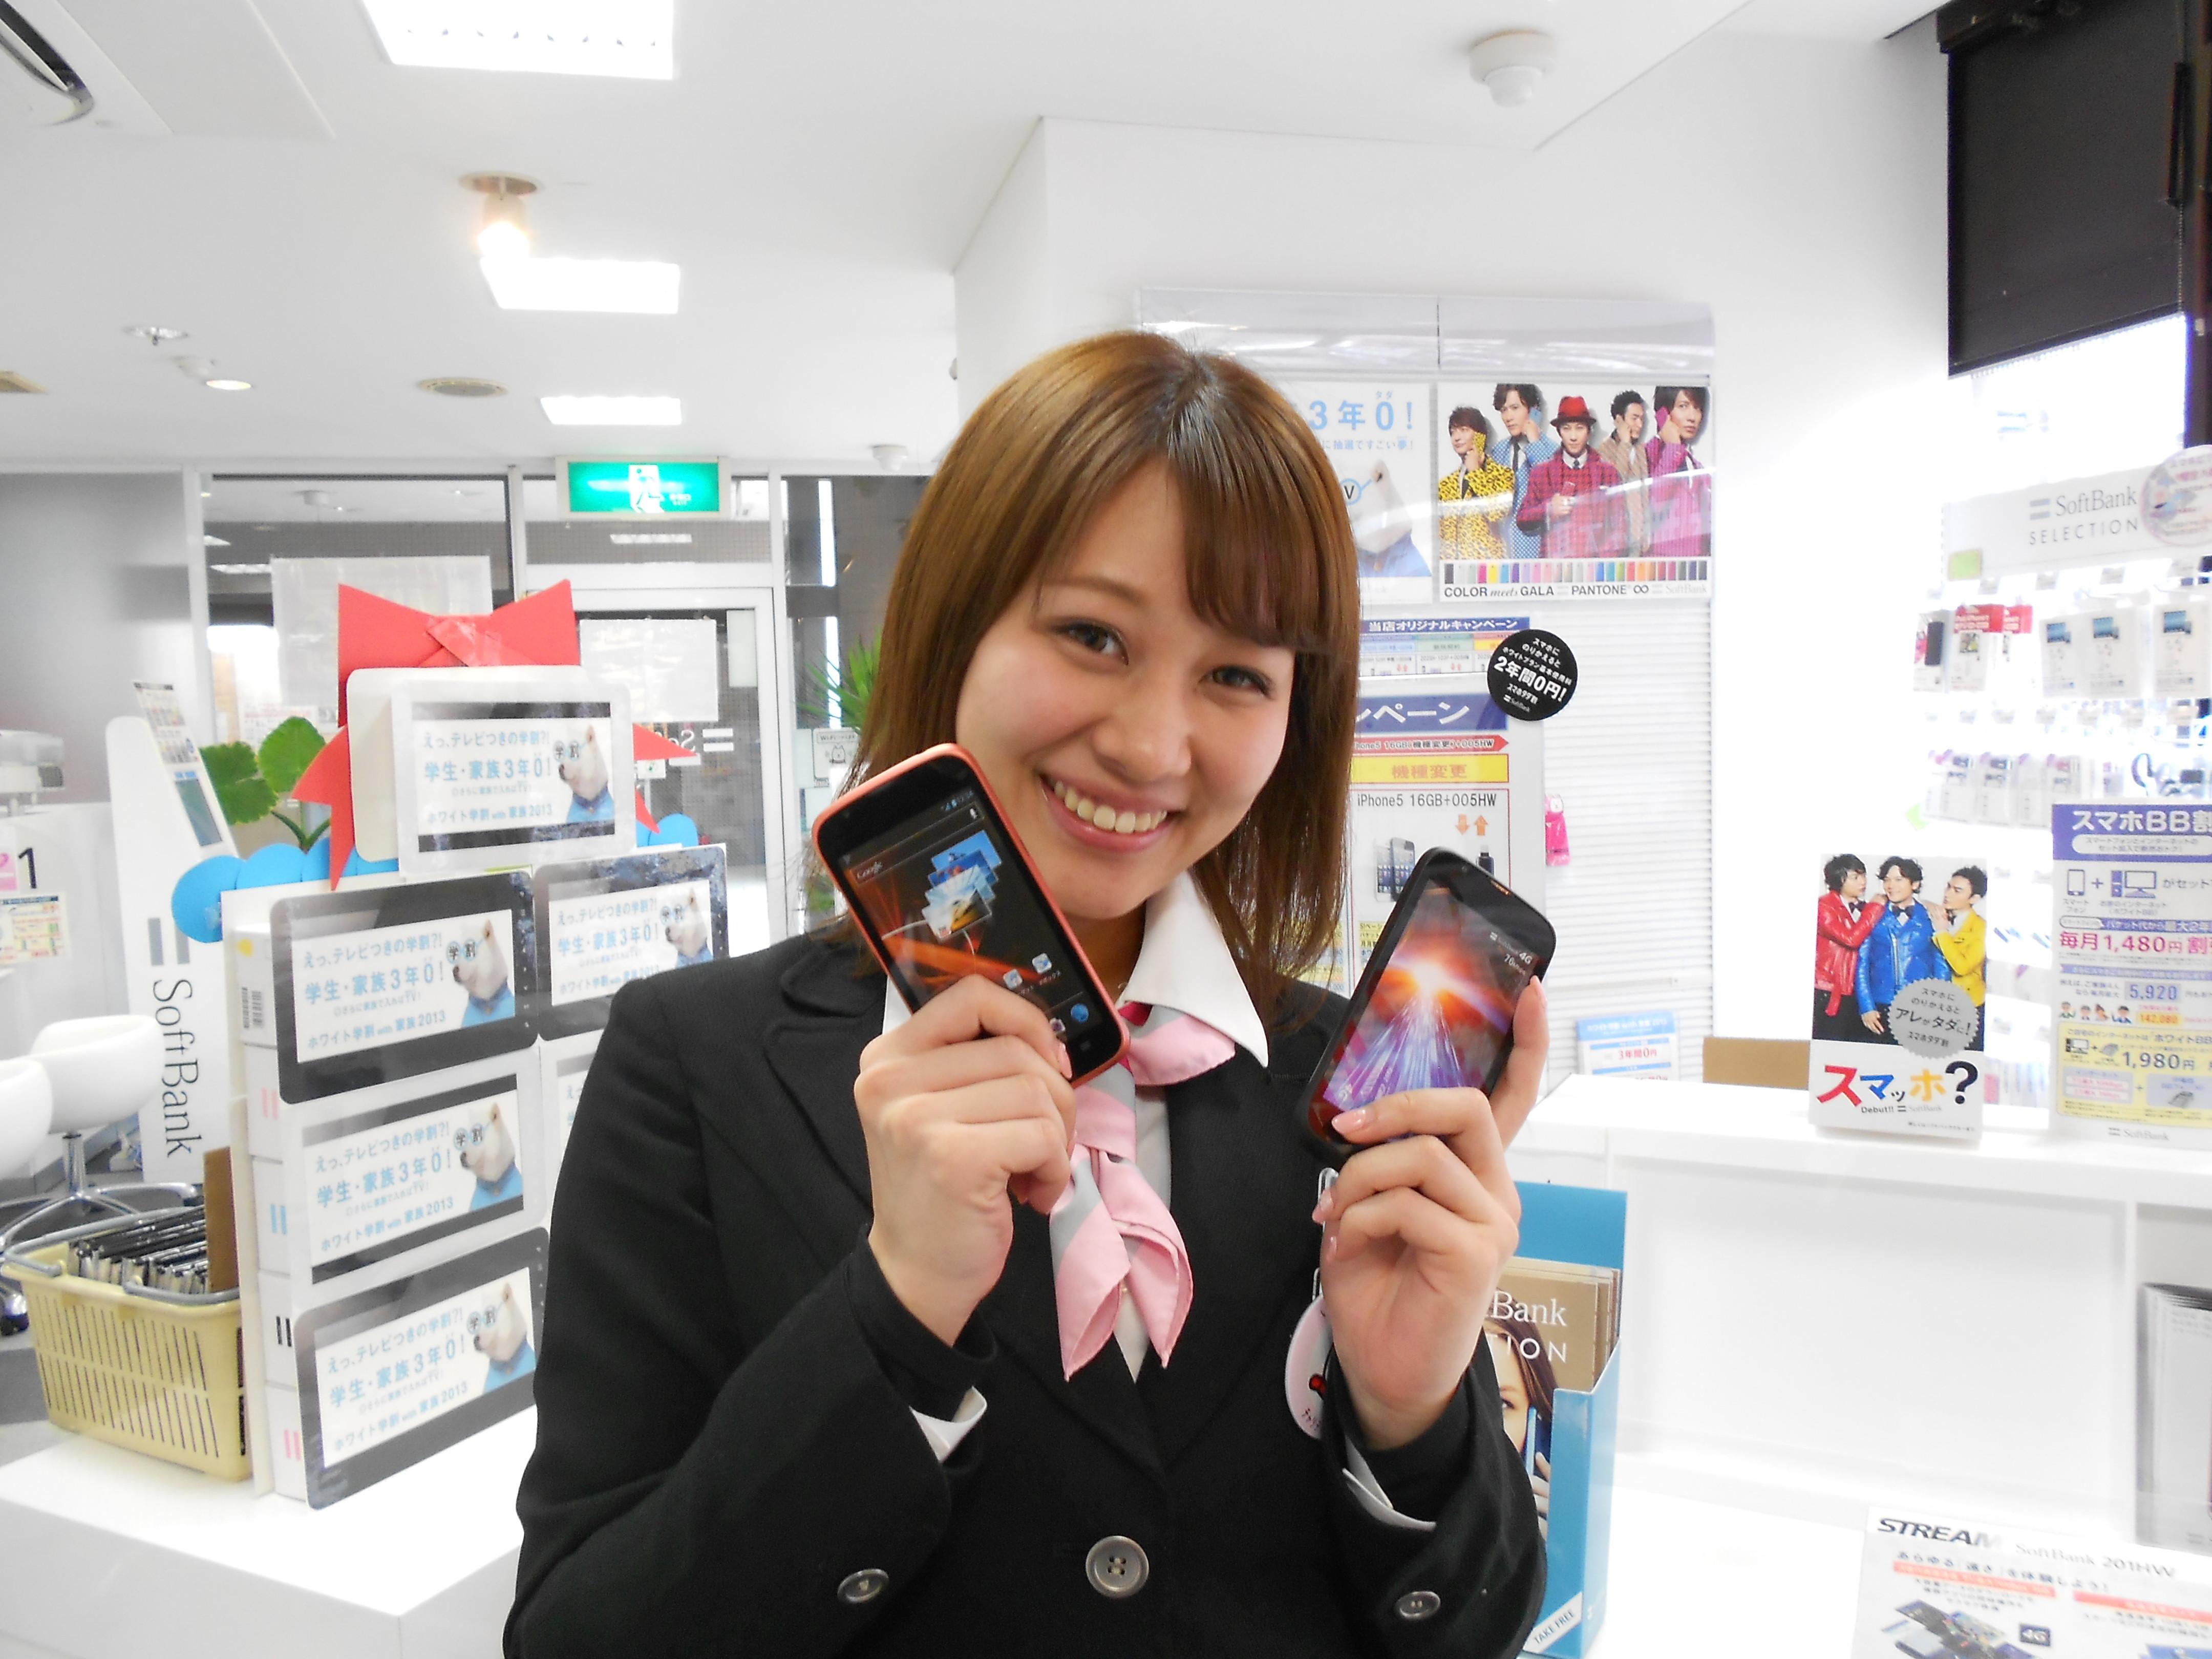 ソフトバンク 甲府向町(株式会社シエロ)のアルバイト情報